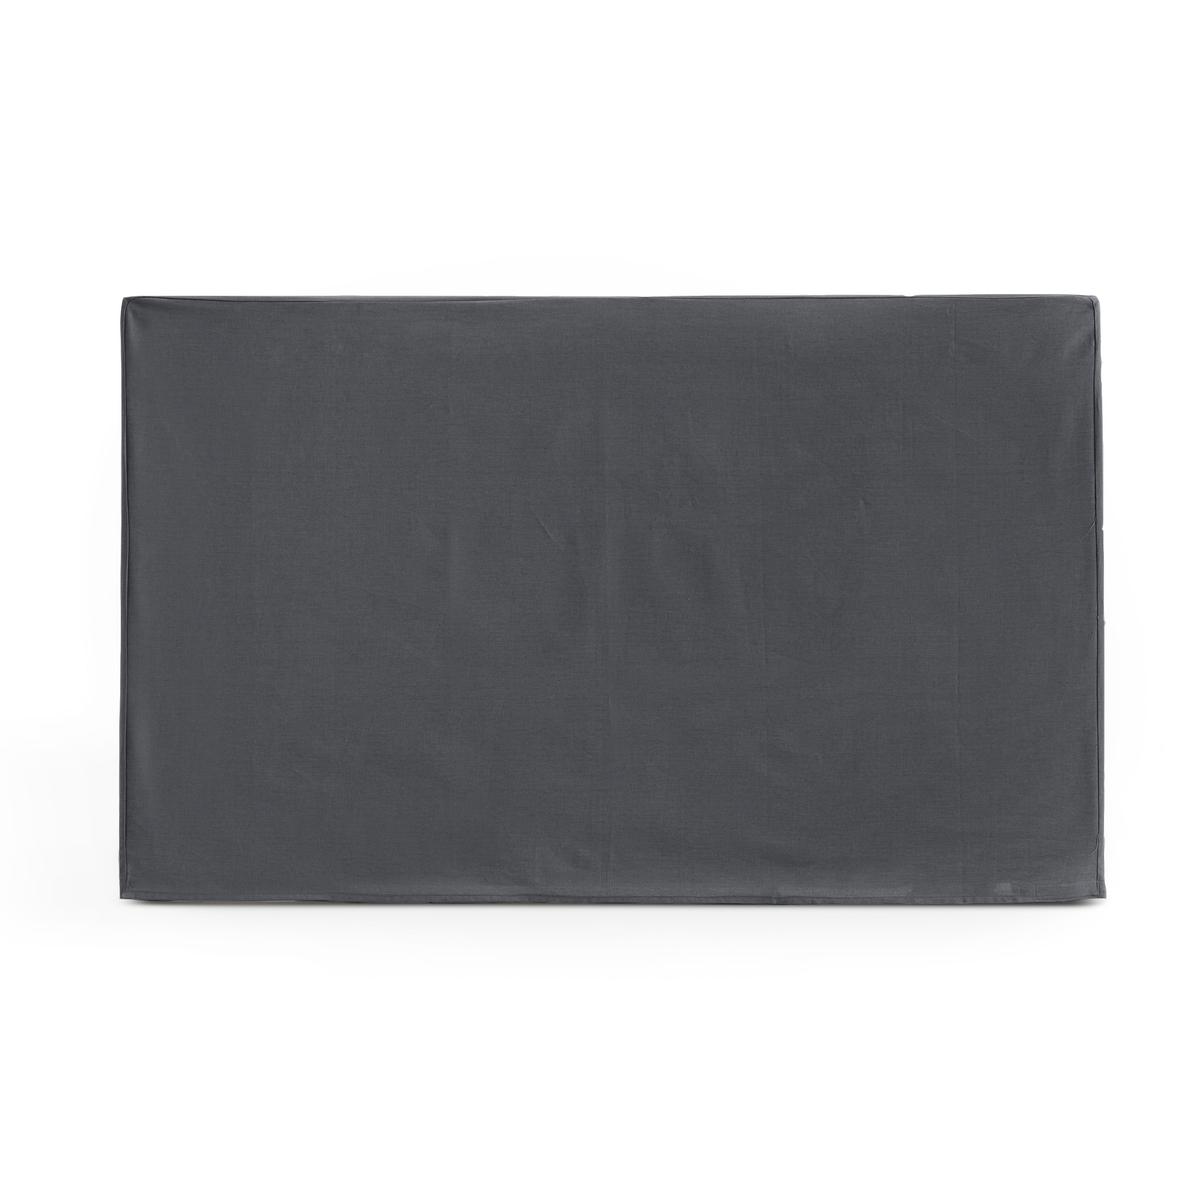 Чехол LaRedoute Для изголовья кровати прямоугольной формы из хлопка SCENARIO 90 x 85 см серый чехол laredoute для изголовья кровати stadia 100 лен высота 120 см 120 x 10 x 160 см серый